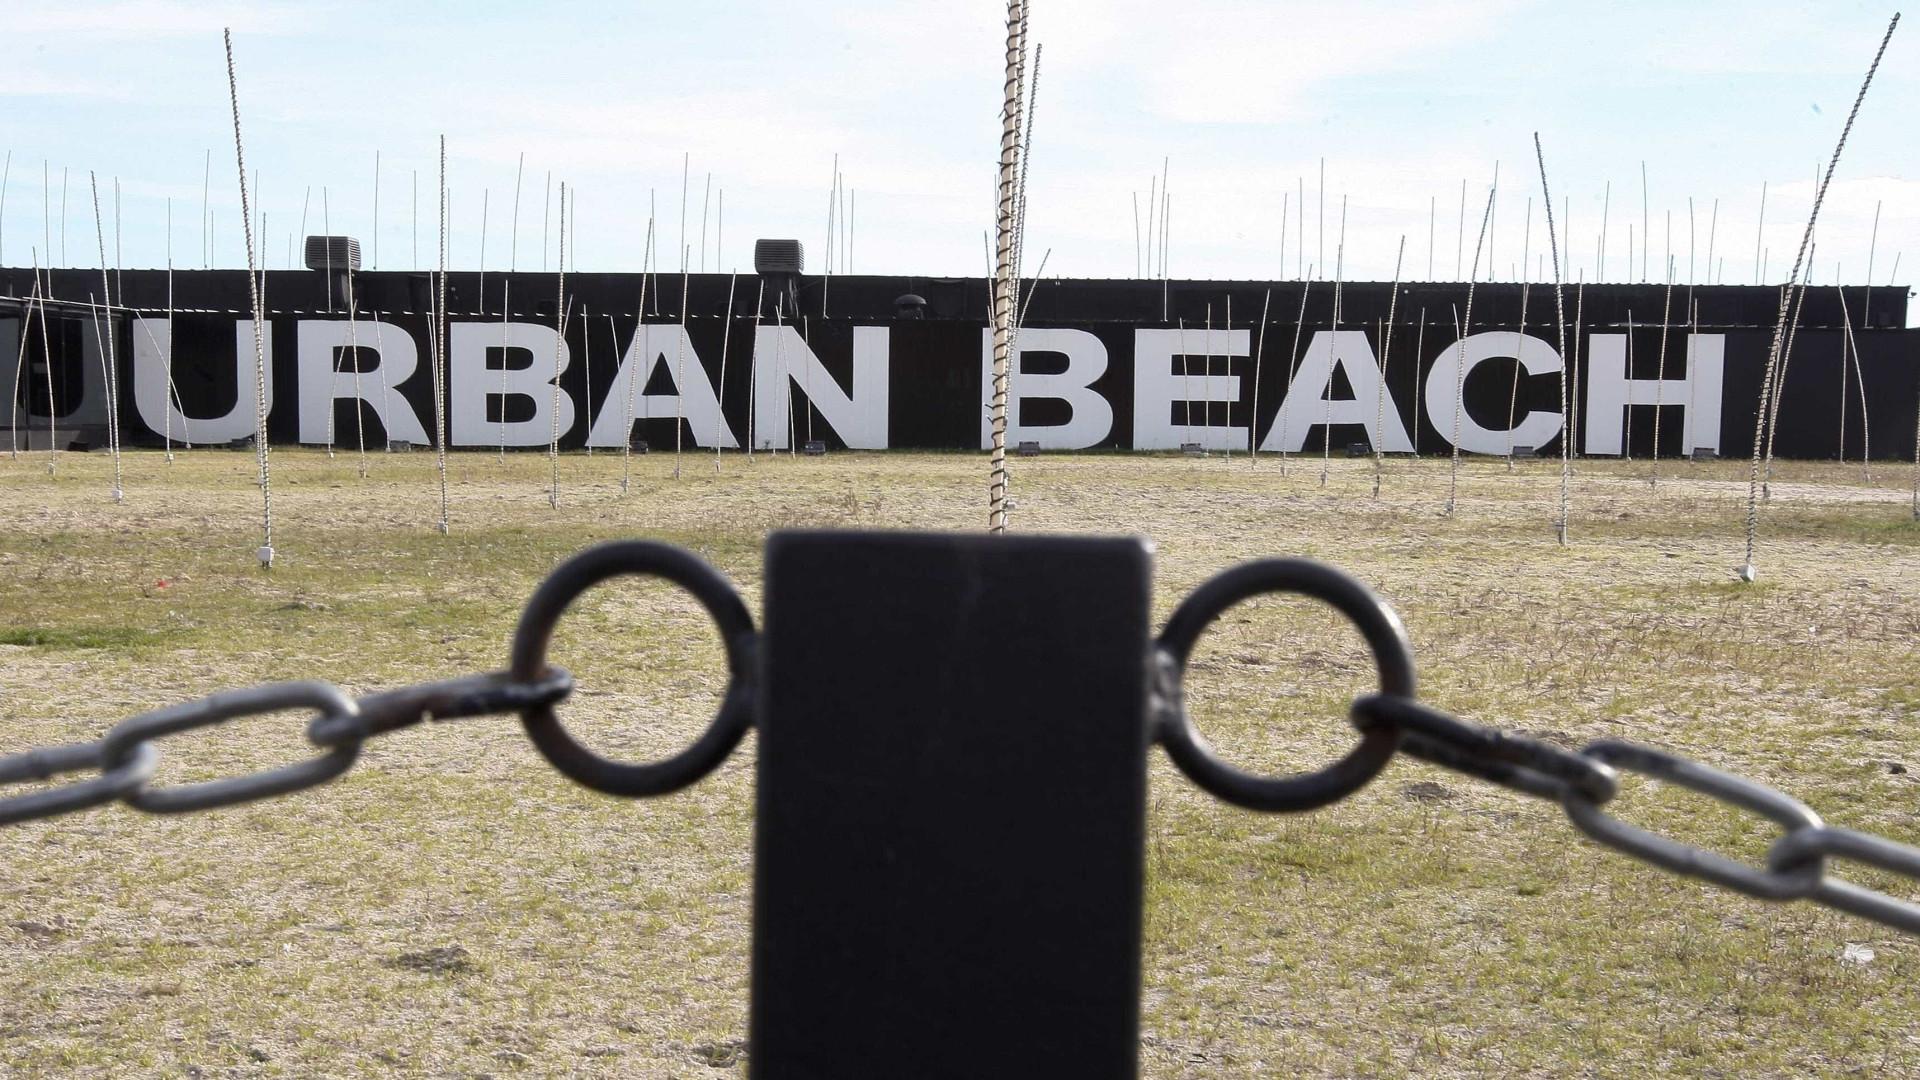 Tribunal rejeita providência cautelar e mantém Urban Beach encerrado